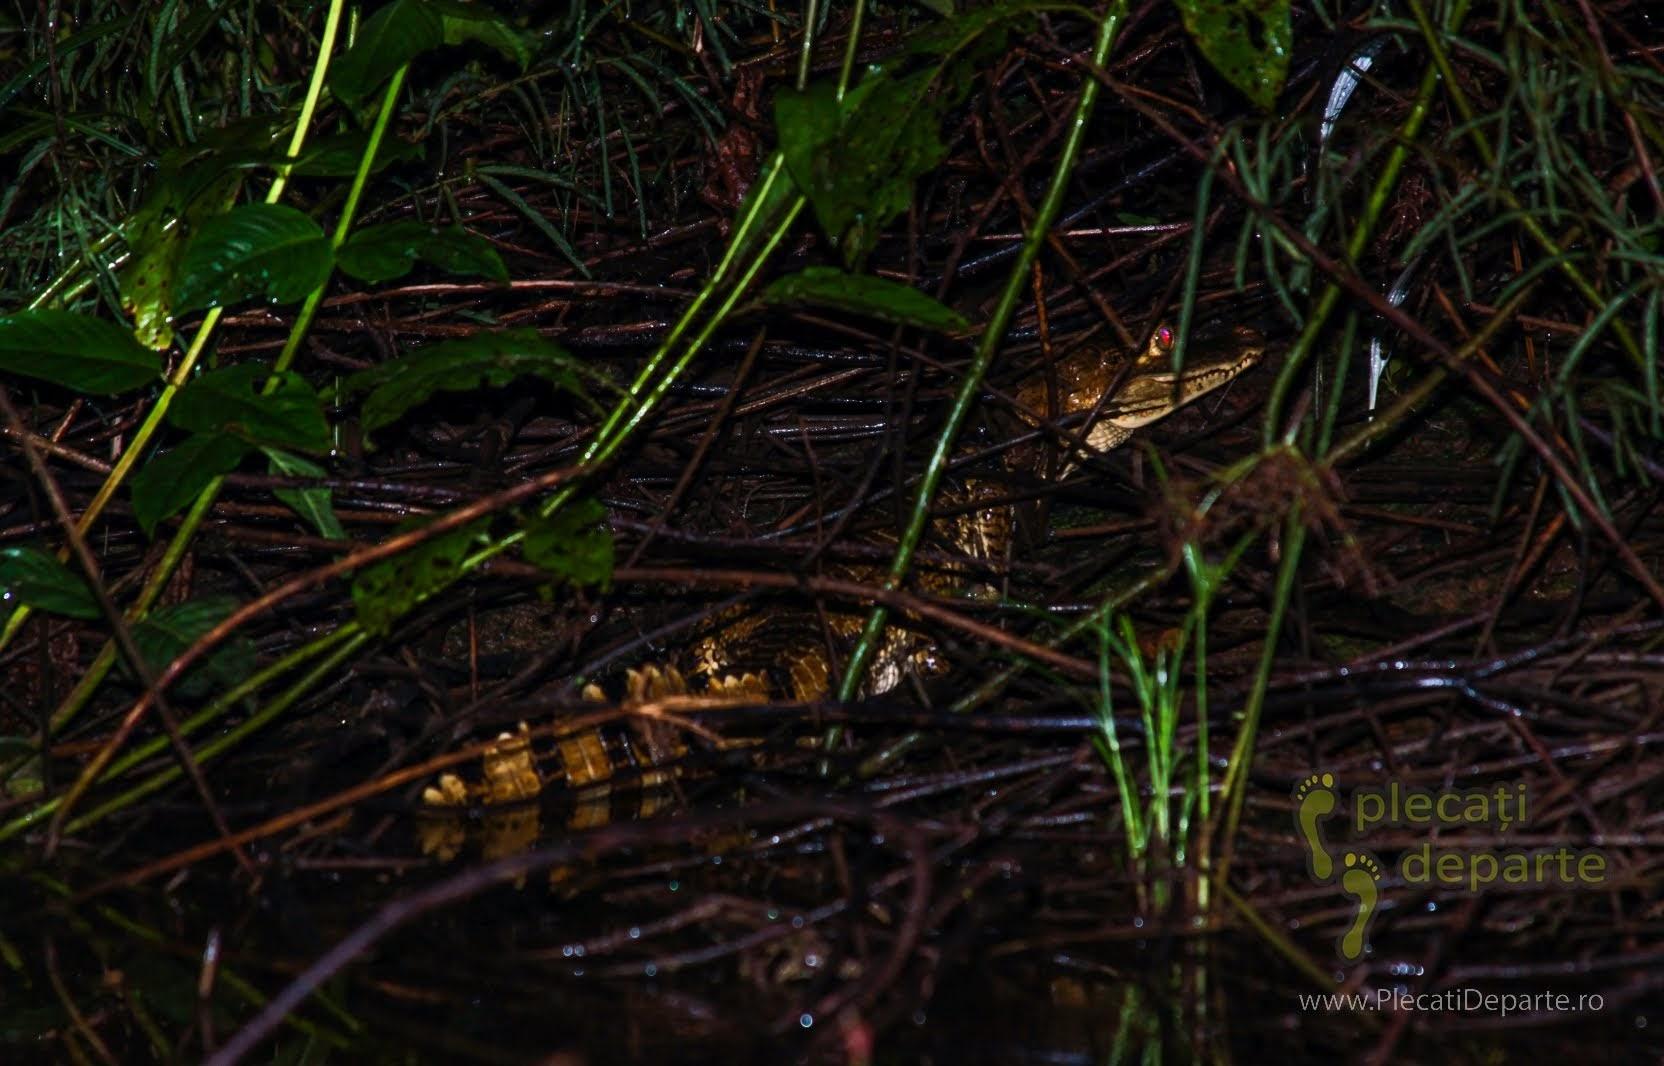 Mic crocodil speriat de lumina lanternelor, in jungla amazoniana, in Rezervatia Nationala Pacaya-Samiria, Peru